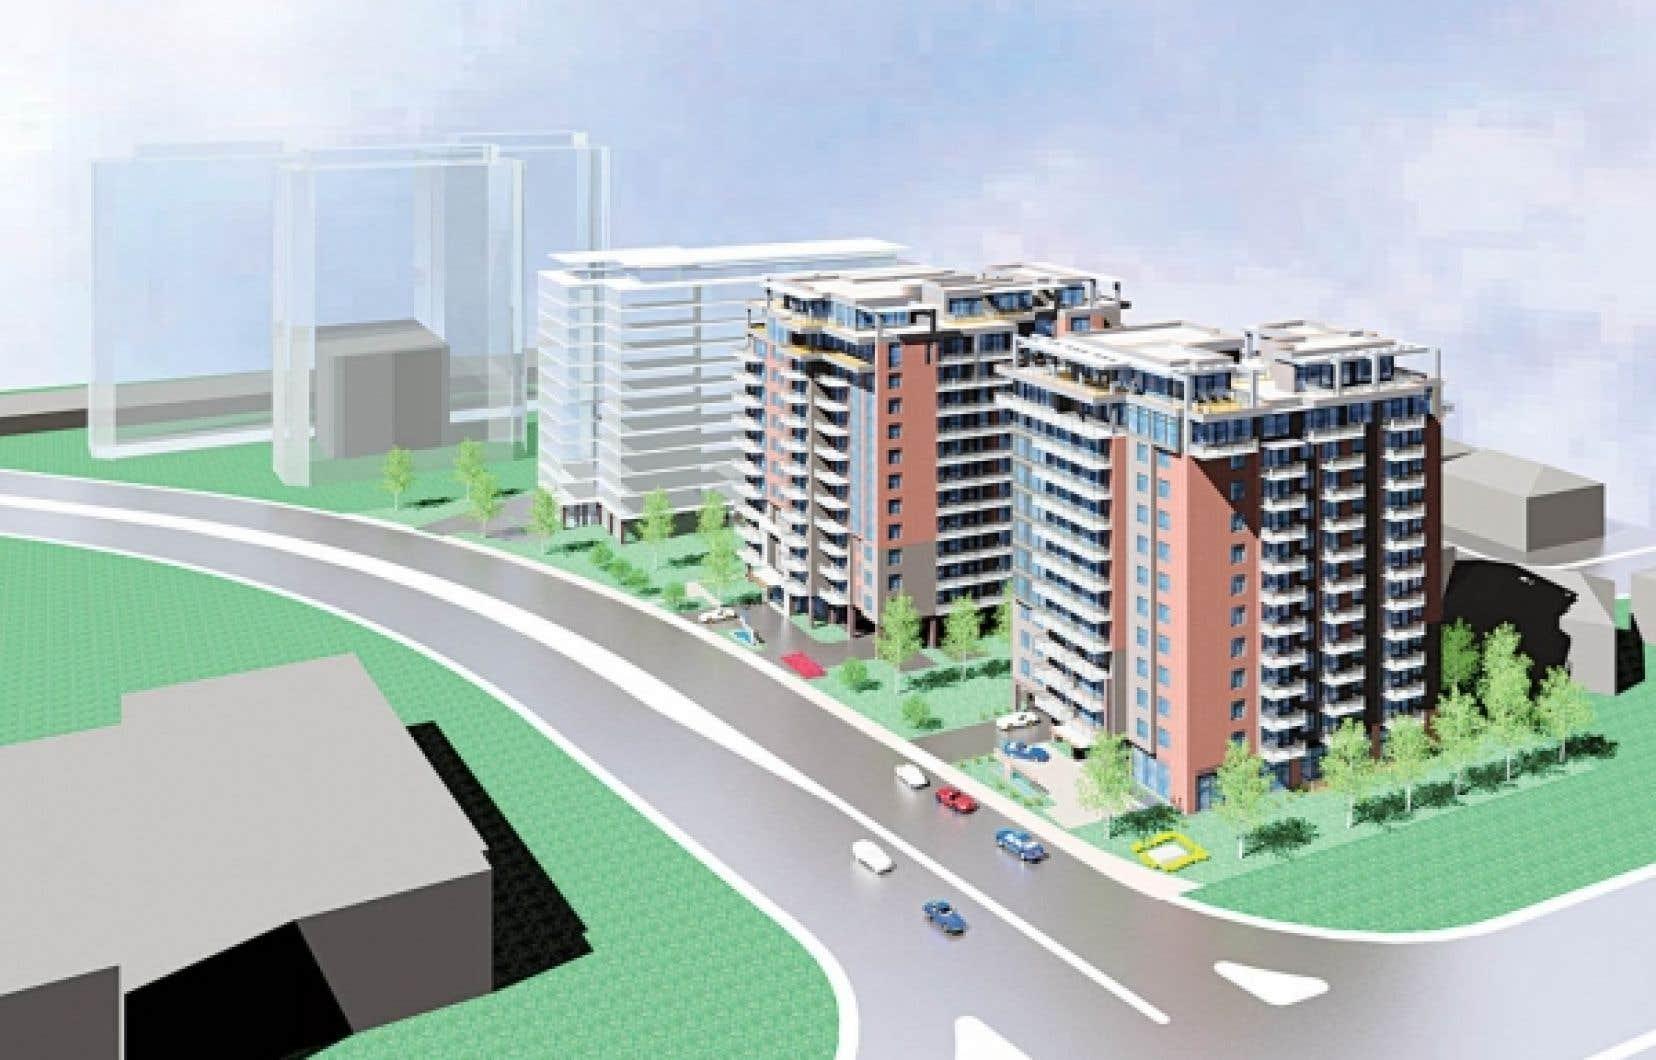 <div> C&rsquo;est une petite ville d&rsquo;un millier d&rsquo;habitants et de 365 logements qui fera son apparition dans le secteur du parc Angrignon, dans l&rsquo;arrondissement LaSalle.</div>